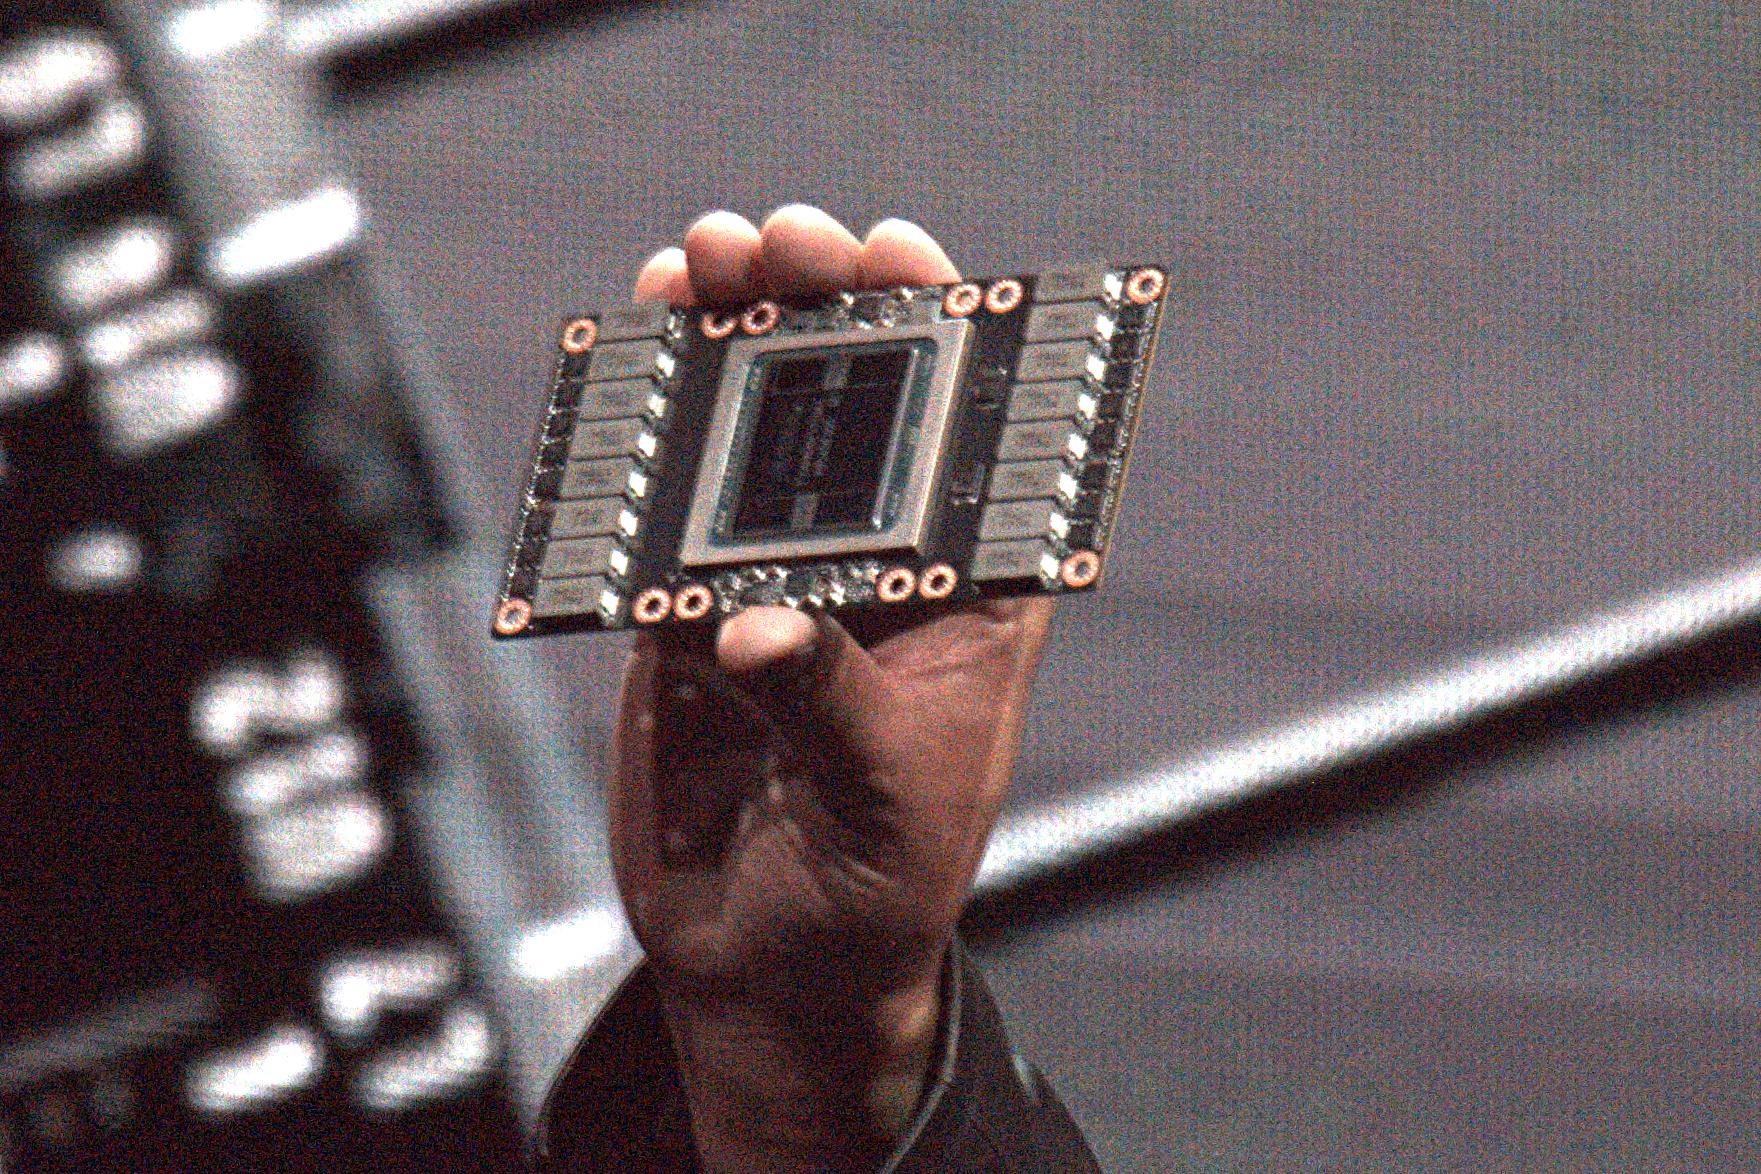 """Nvidias GV100-Chip: """"Wir sind am Limit des technisch Möglichen"""" - Tesla V100 mit GV100-Chip (Foto: Marc Sauter/Golem.de)"""